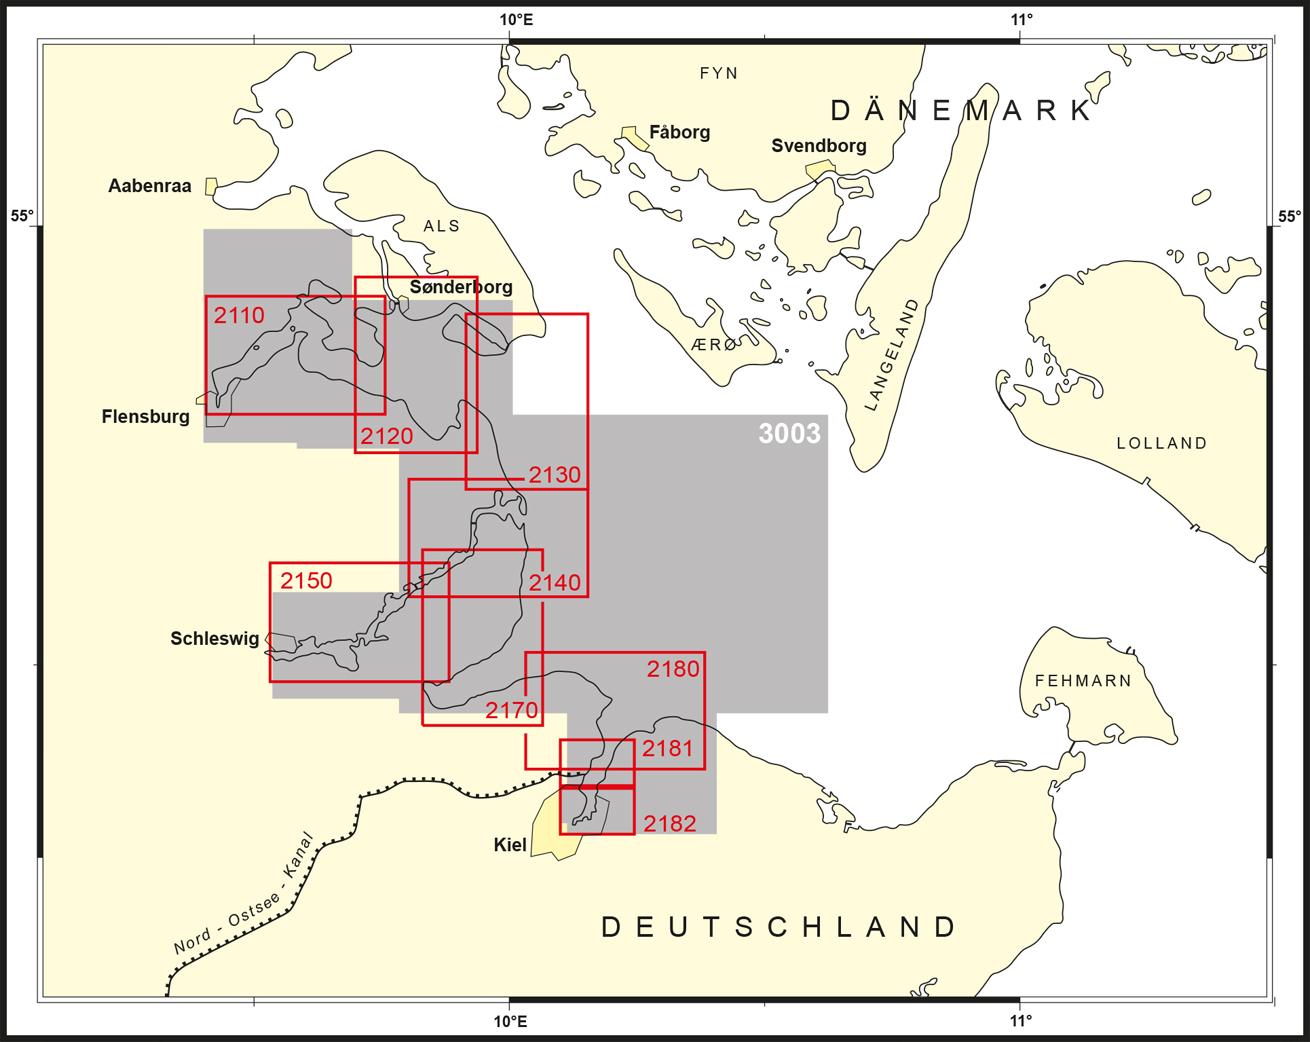 Karte der Ostseeküste zwischen Flensburg und Kiel mit den Grenzen der neuen Nationalen Seekarten vom Bundesamt für Seeschifffahrt und Hydrographie, die das Produkt BSH-3003 ersetzen.